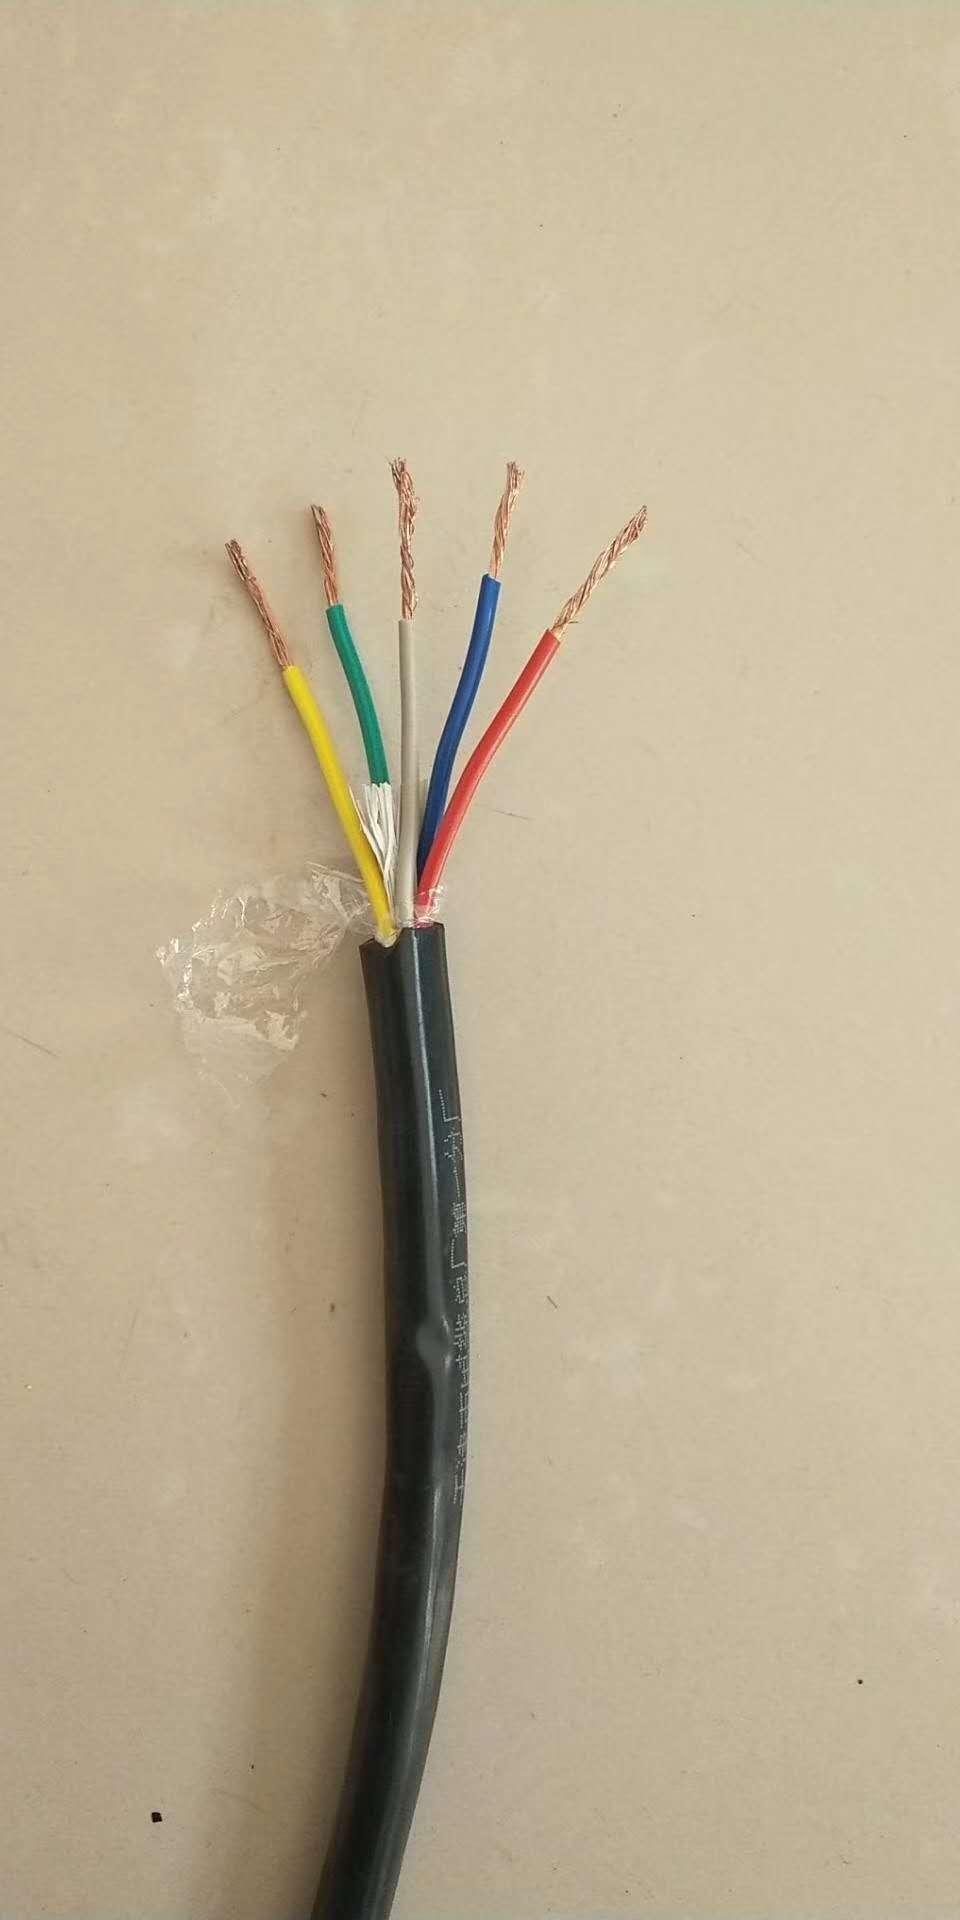 zr-yvv、阻燃仪表用电缆、哪里的比较好